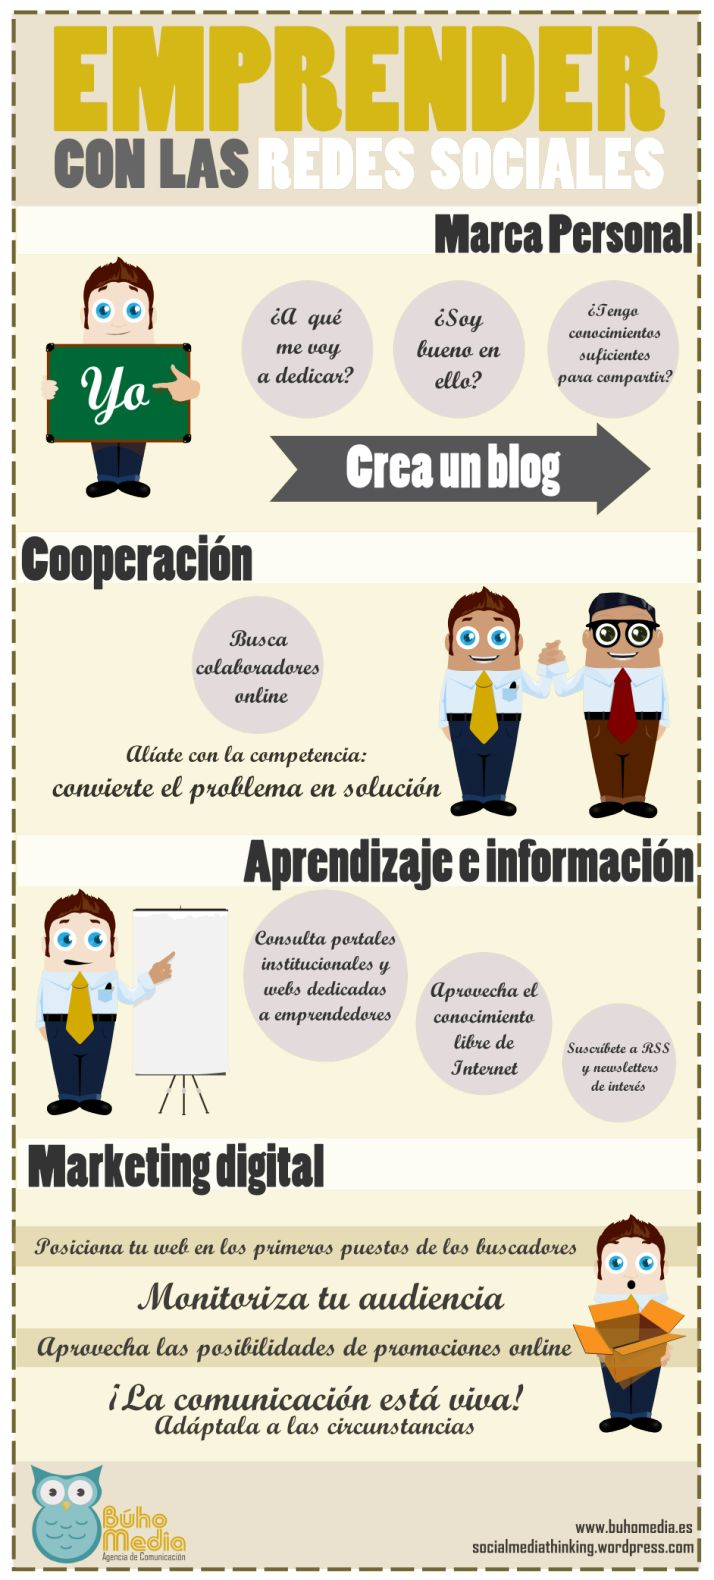 Las Redes Sociales te ayudan a #emprender. #SocialMedia  (pineado por @PabloCoraje)